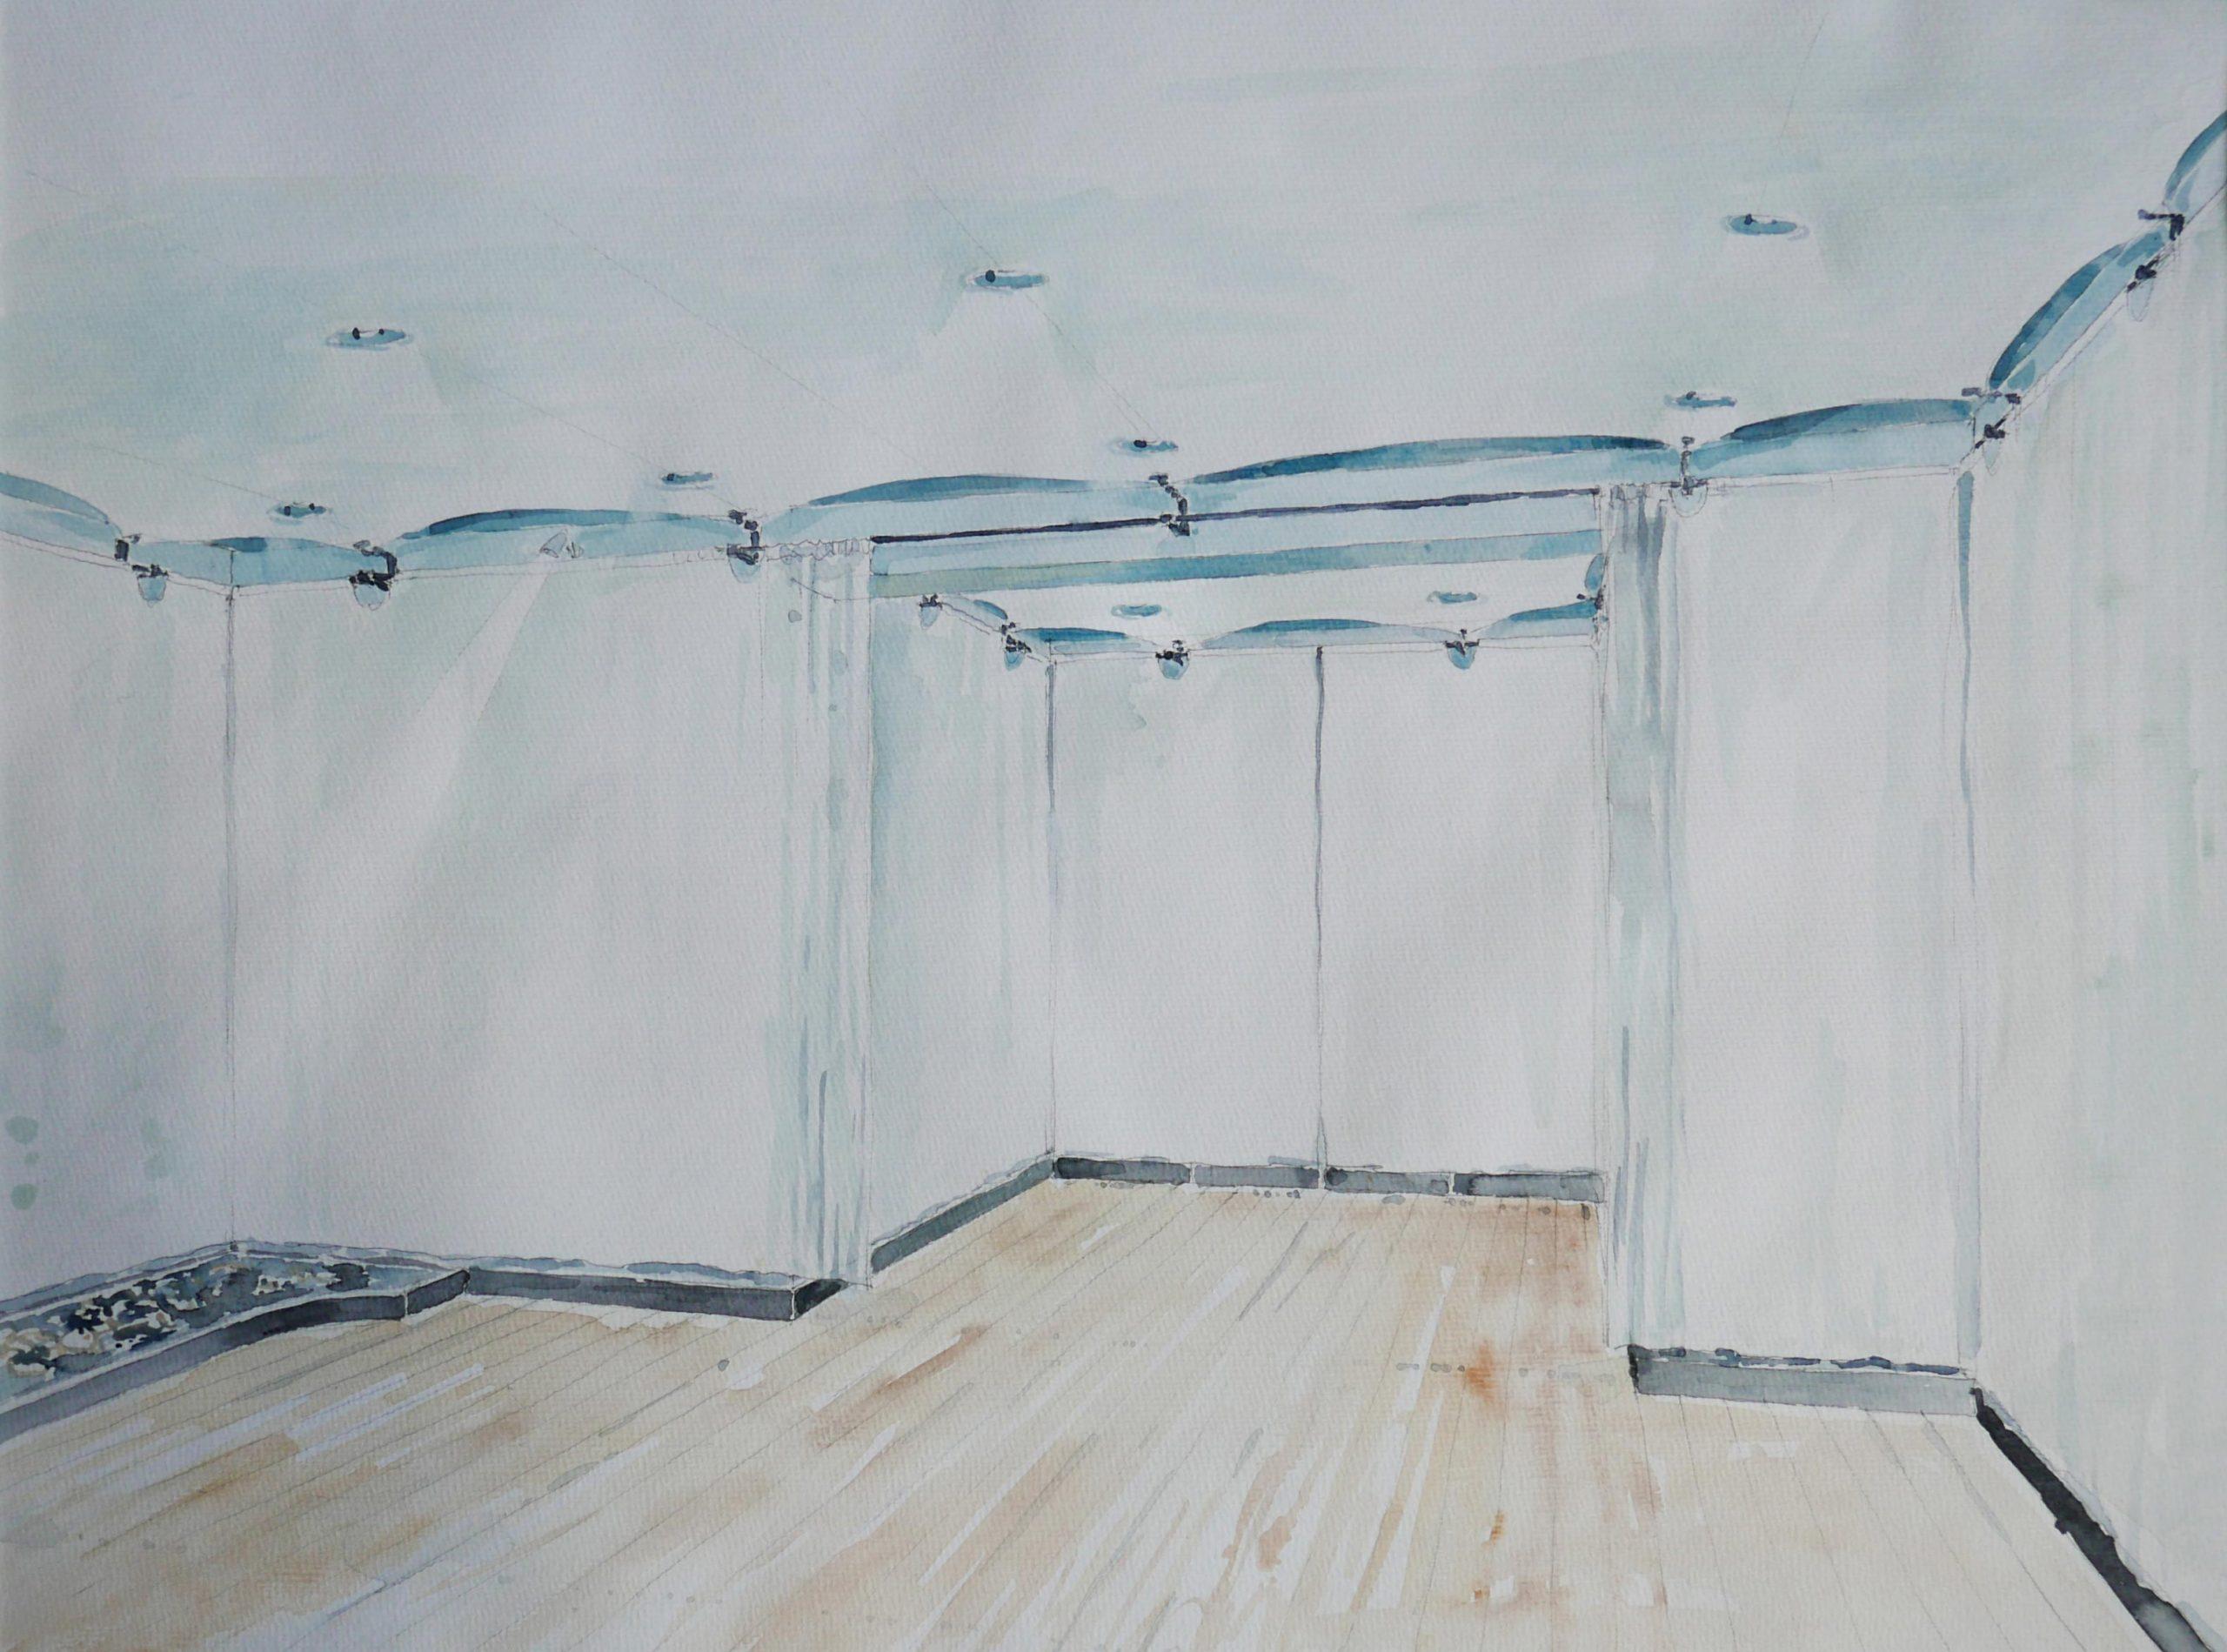 Raum der Stille Krankenhaus für Trauer